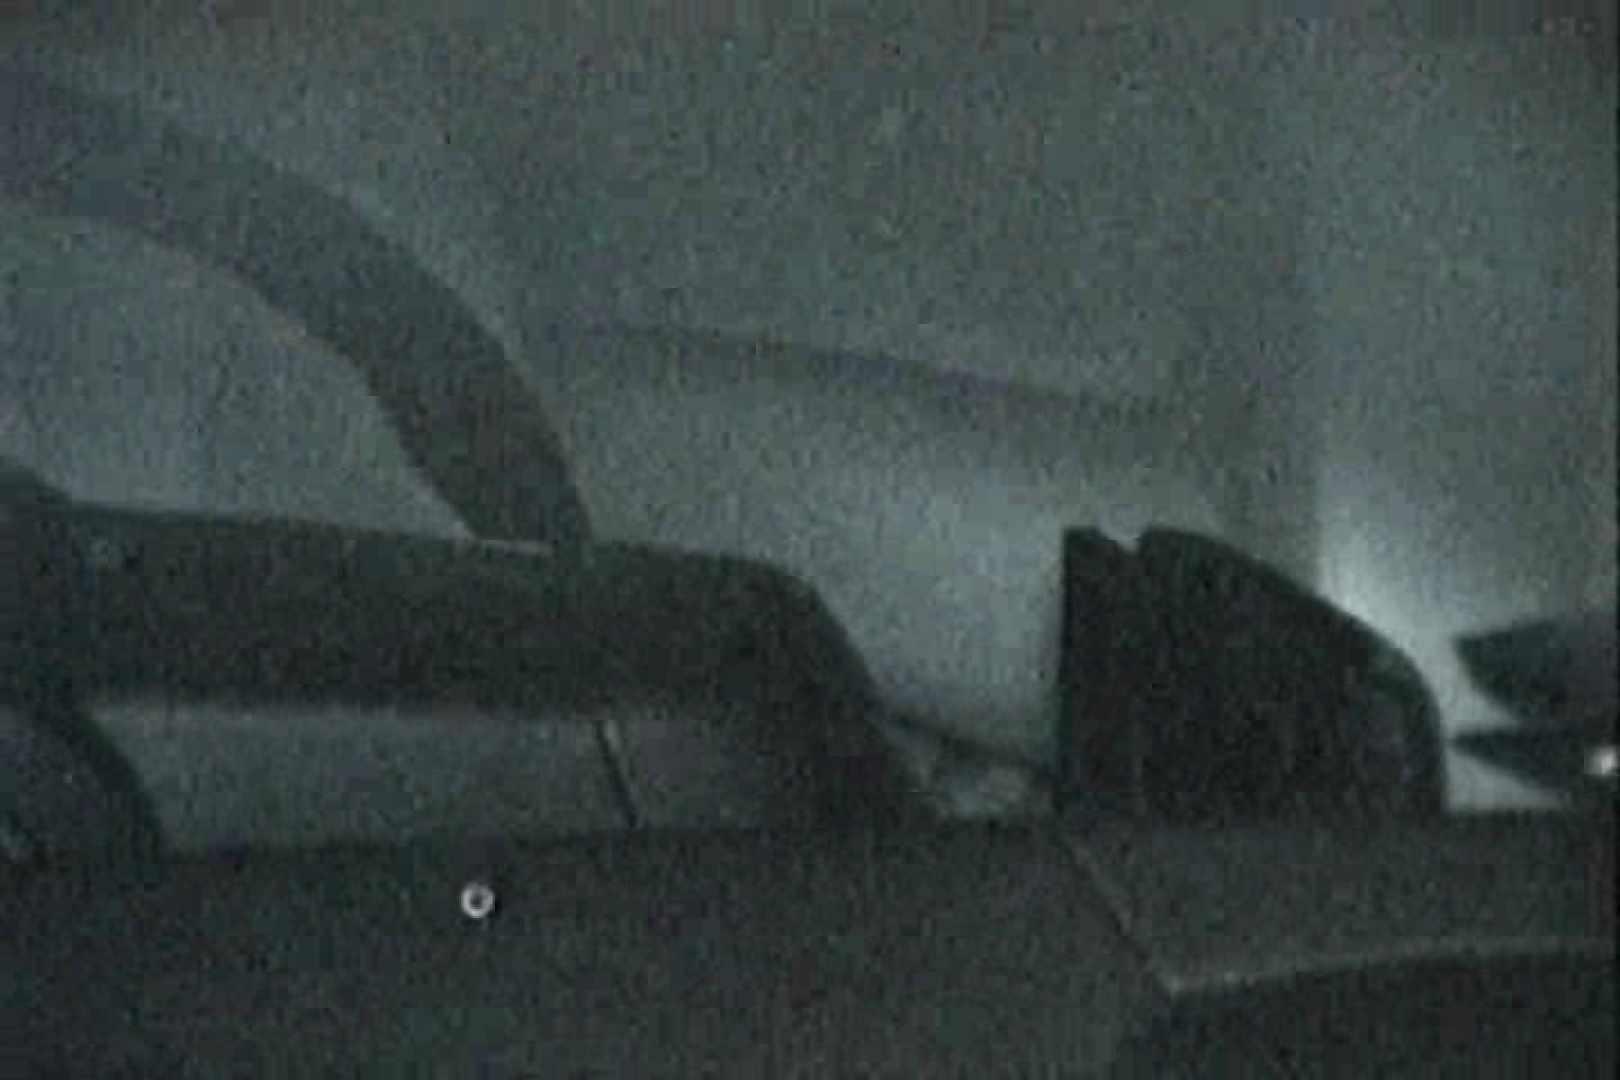 充血監督の深夜の運動会Vol.16 おまんこ オメコ動画キャプチャ 105画像 57